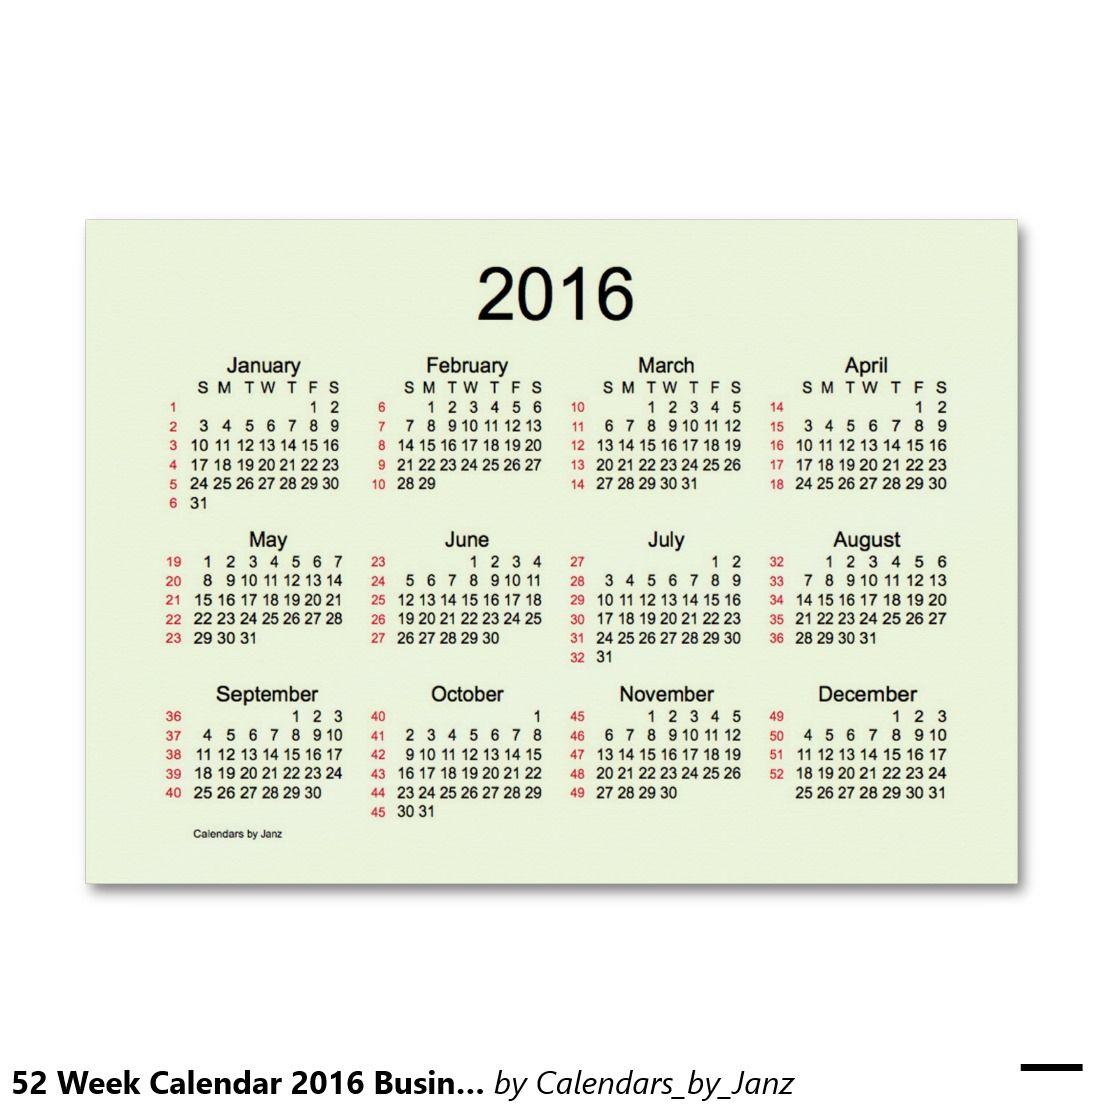 52 week calendar 2016 business cards pinterest unlimited